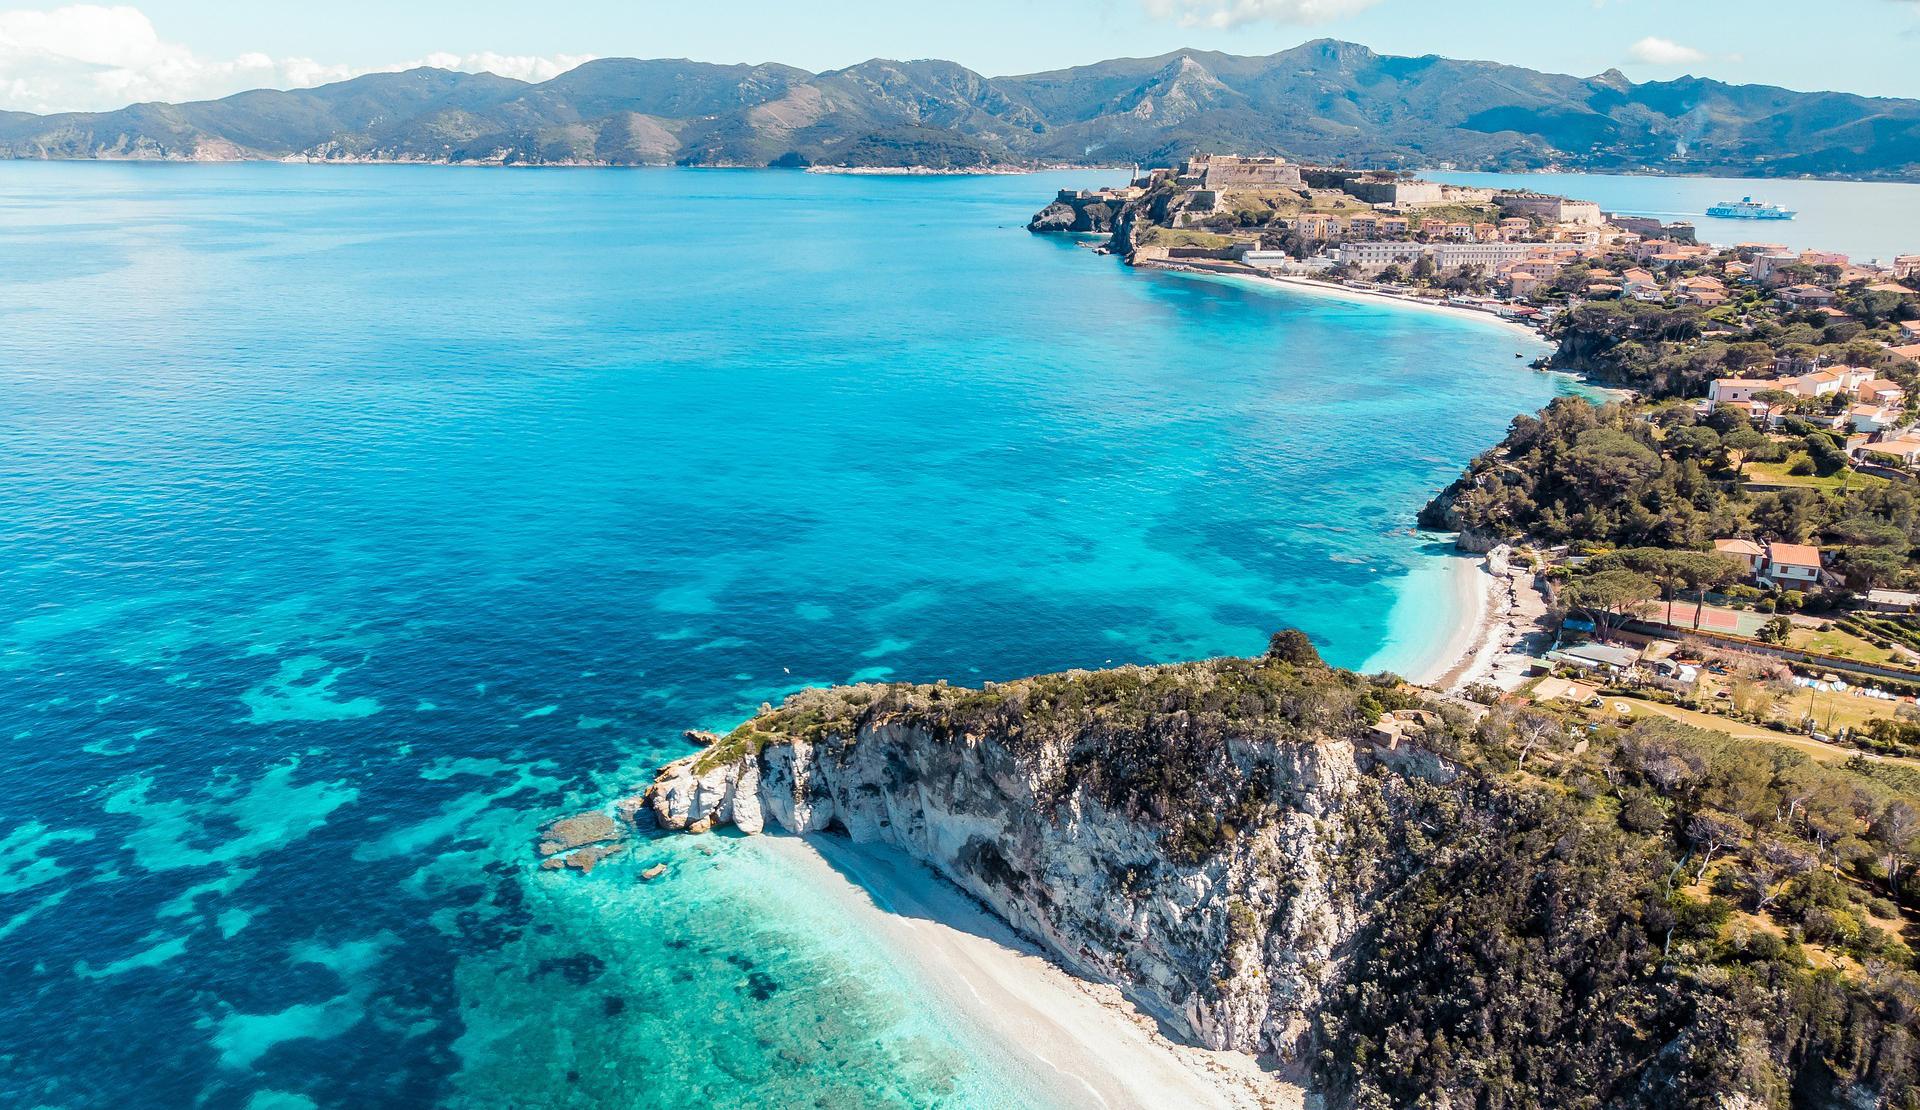 Camping auf Elba – das sind die besten Campingplätze der Insel